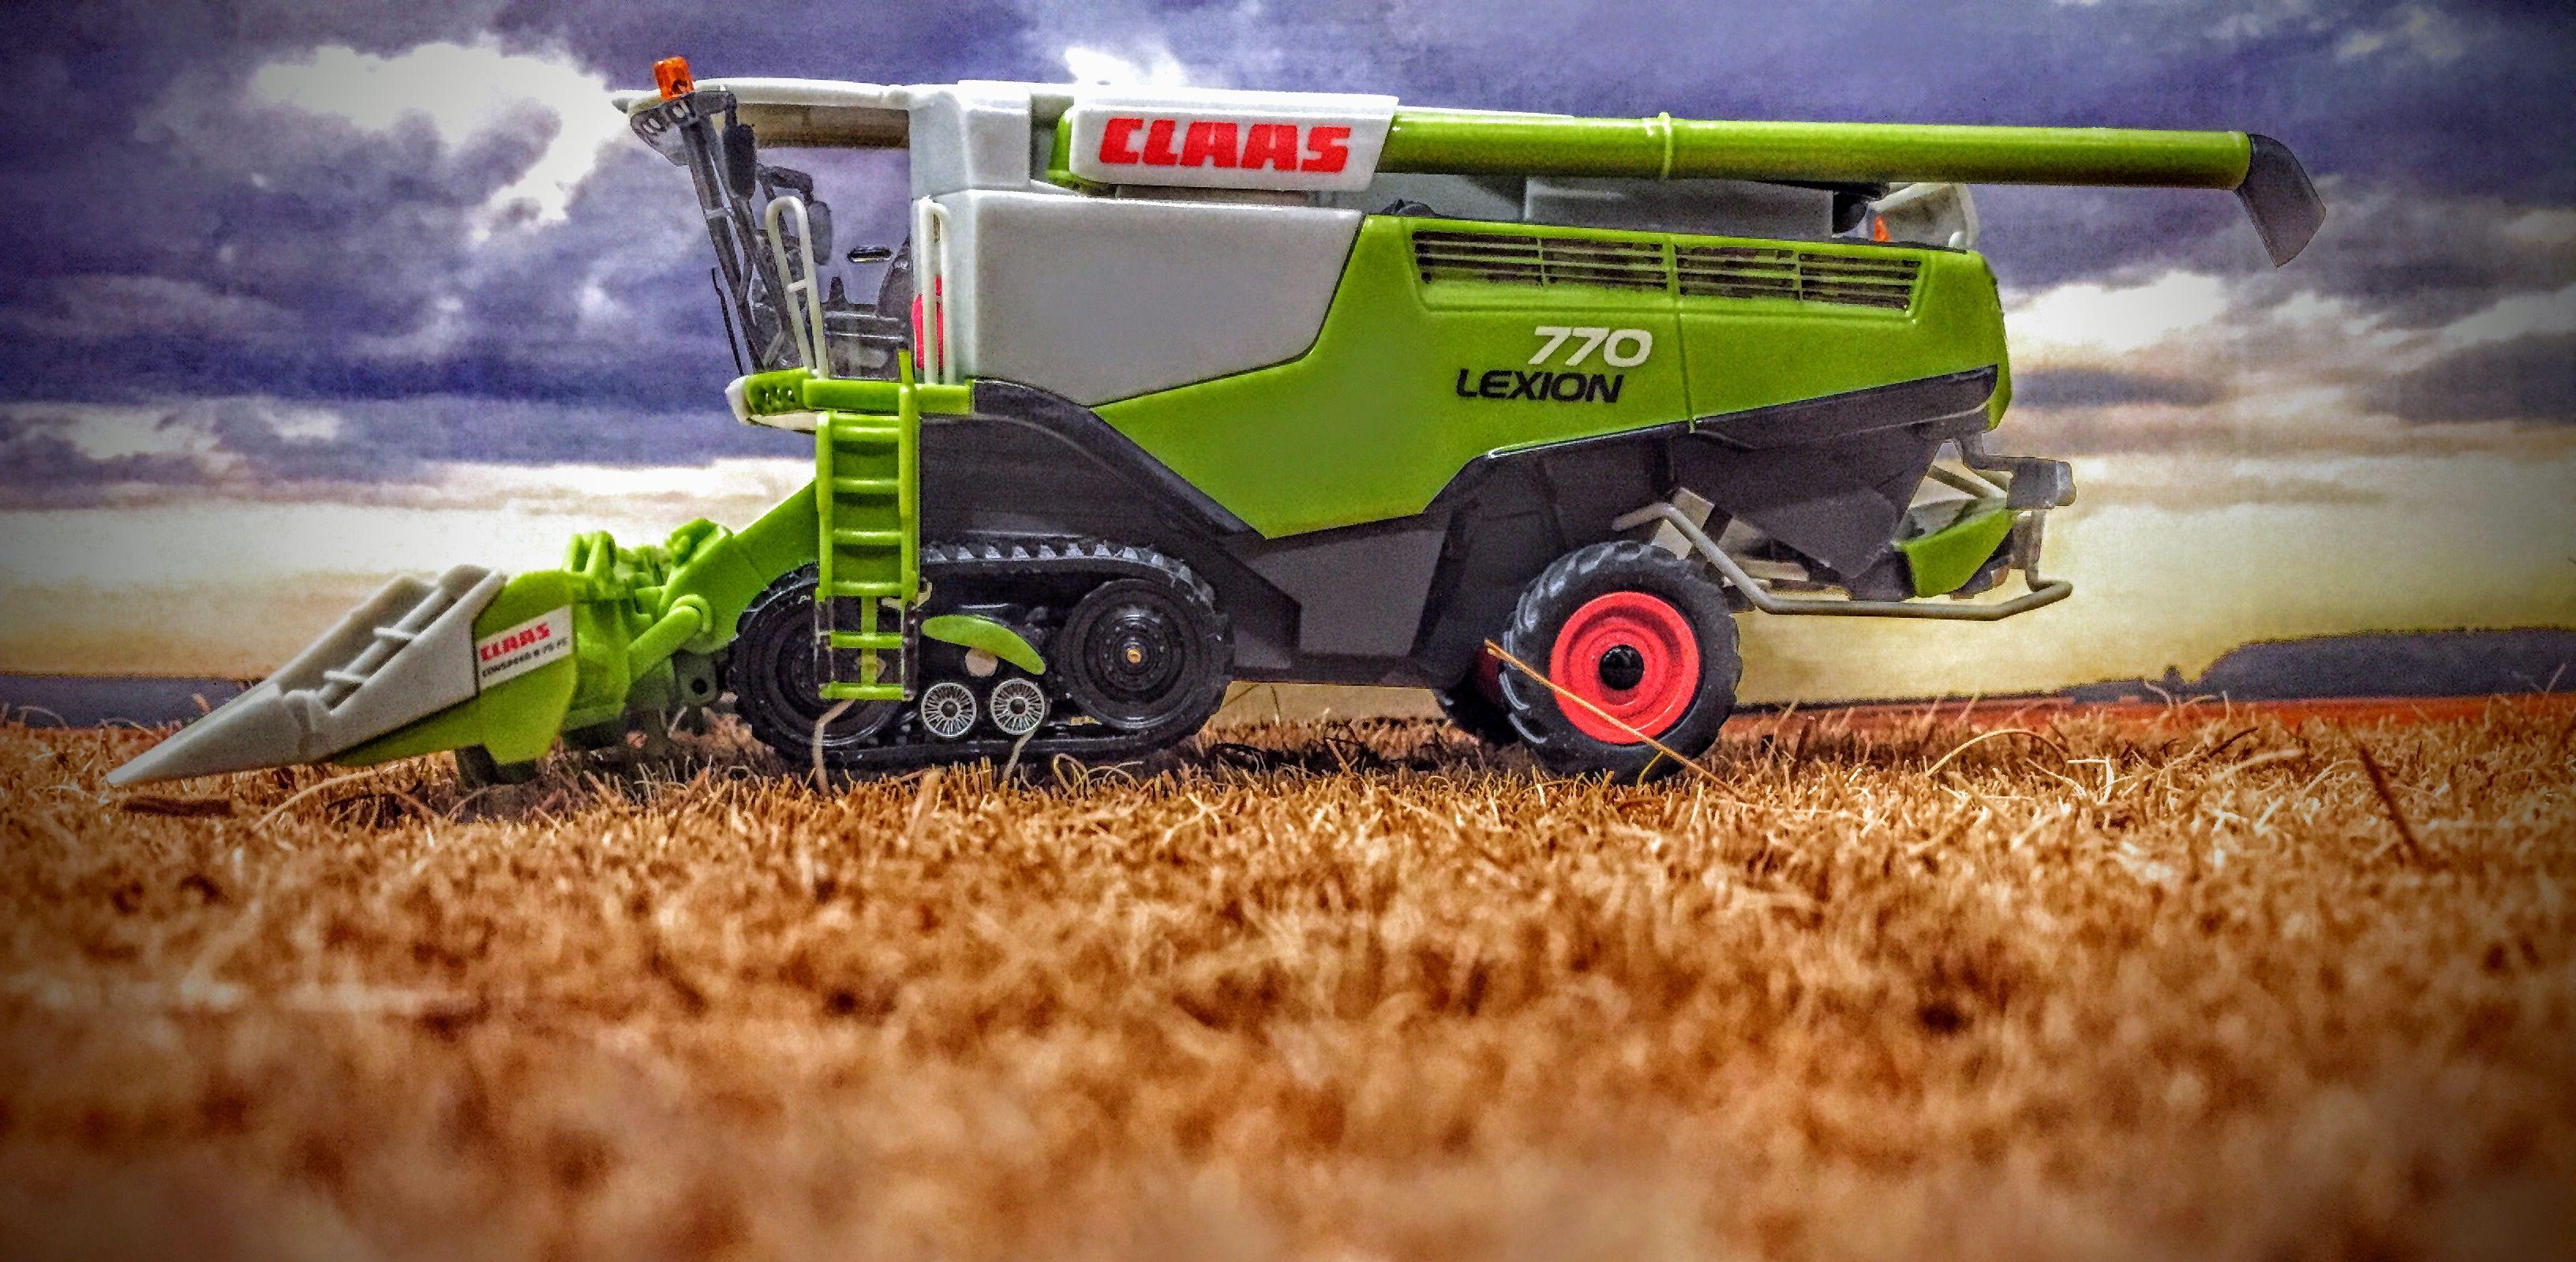 claas lexion 770 terra trac 1 87 wiking modell makett dior ma rh pinterest com Lexion 270 730 Lexion Combine